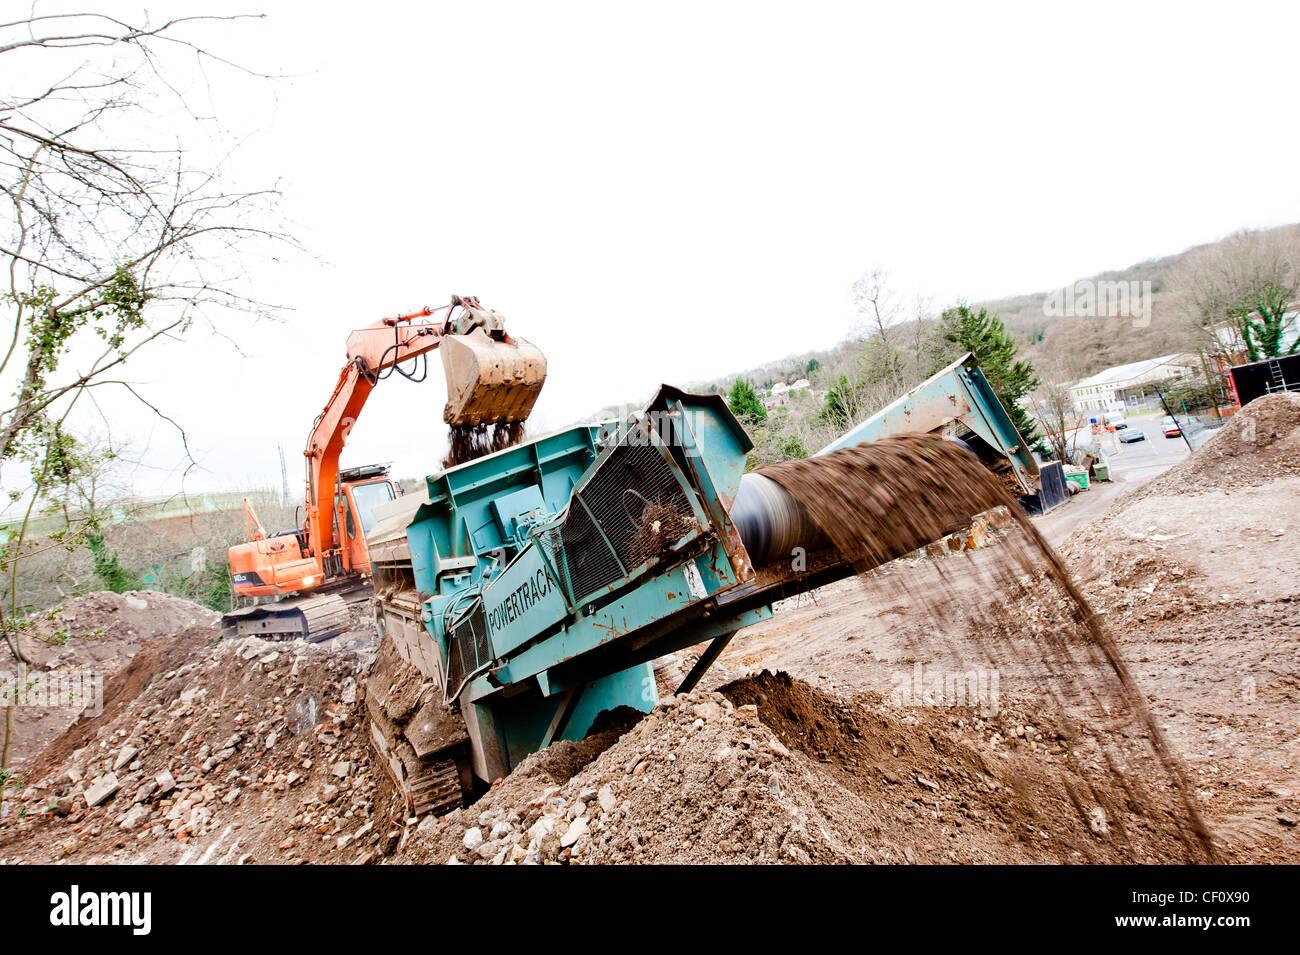 Digger laden Schutt auf recycling-Förderband Stockbild